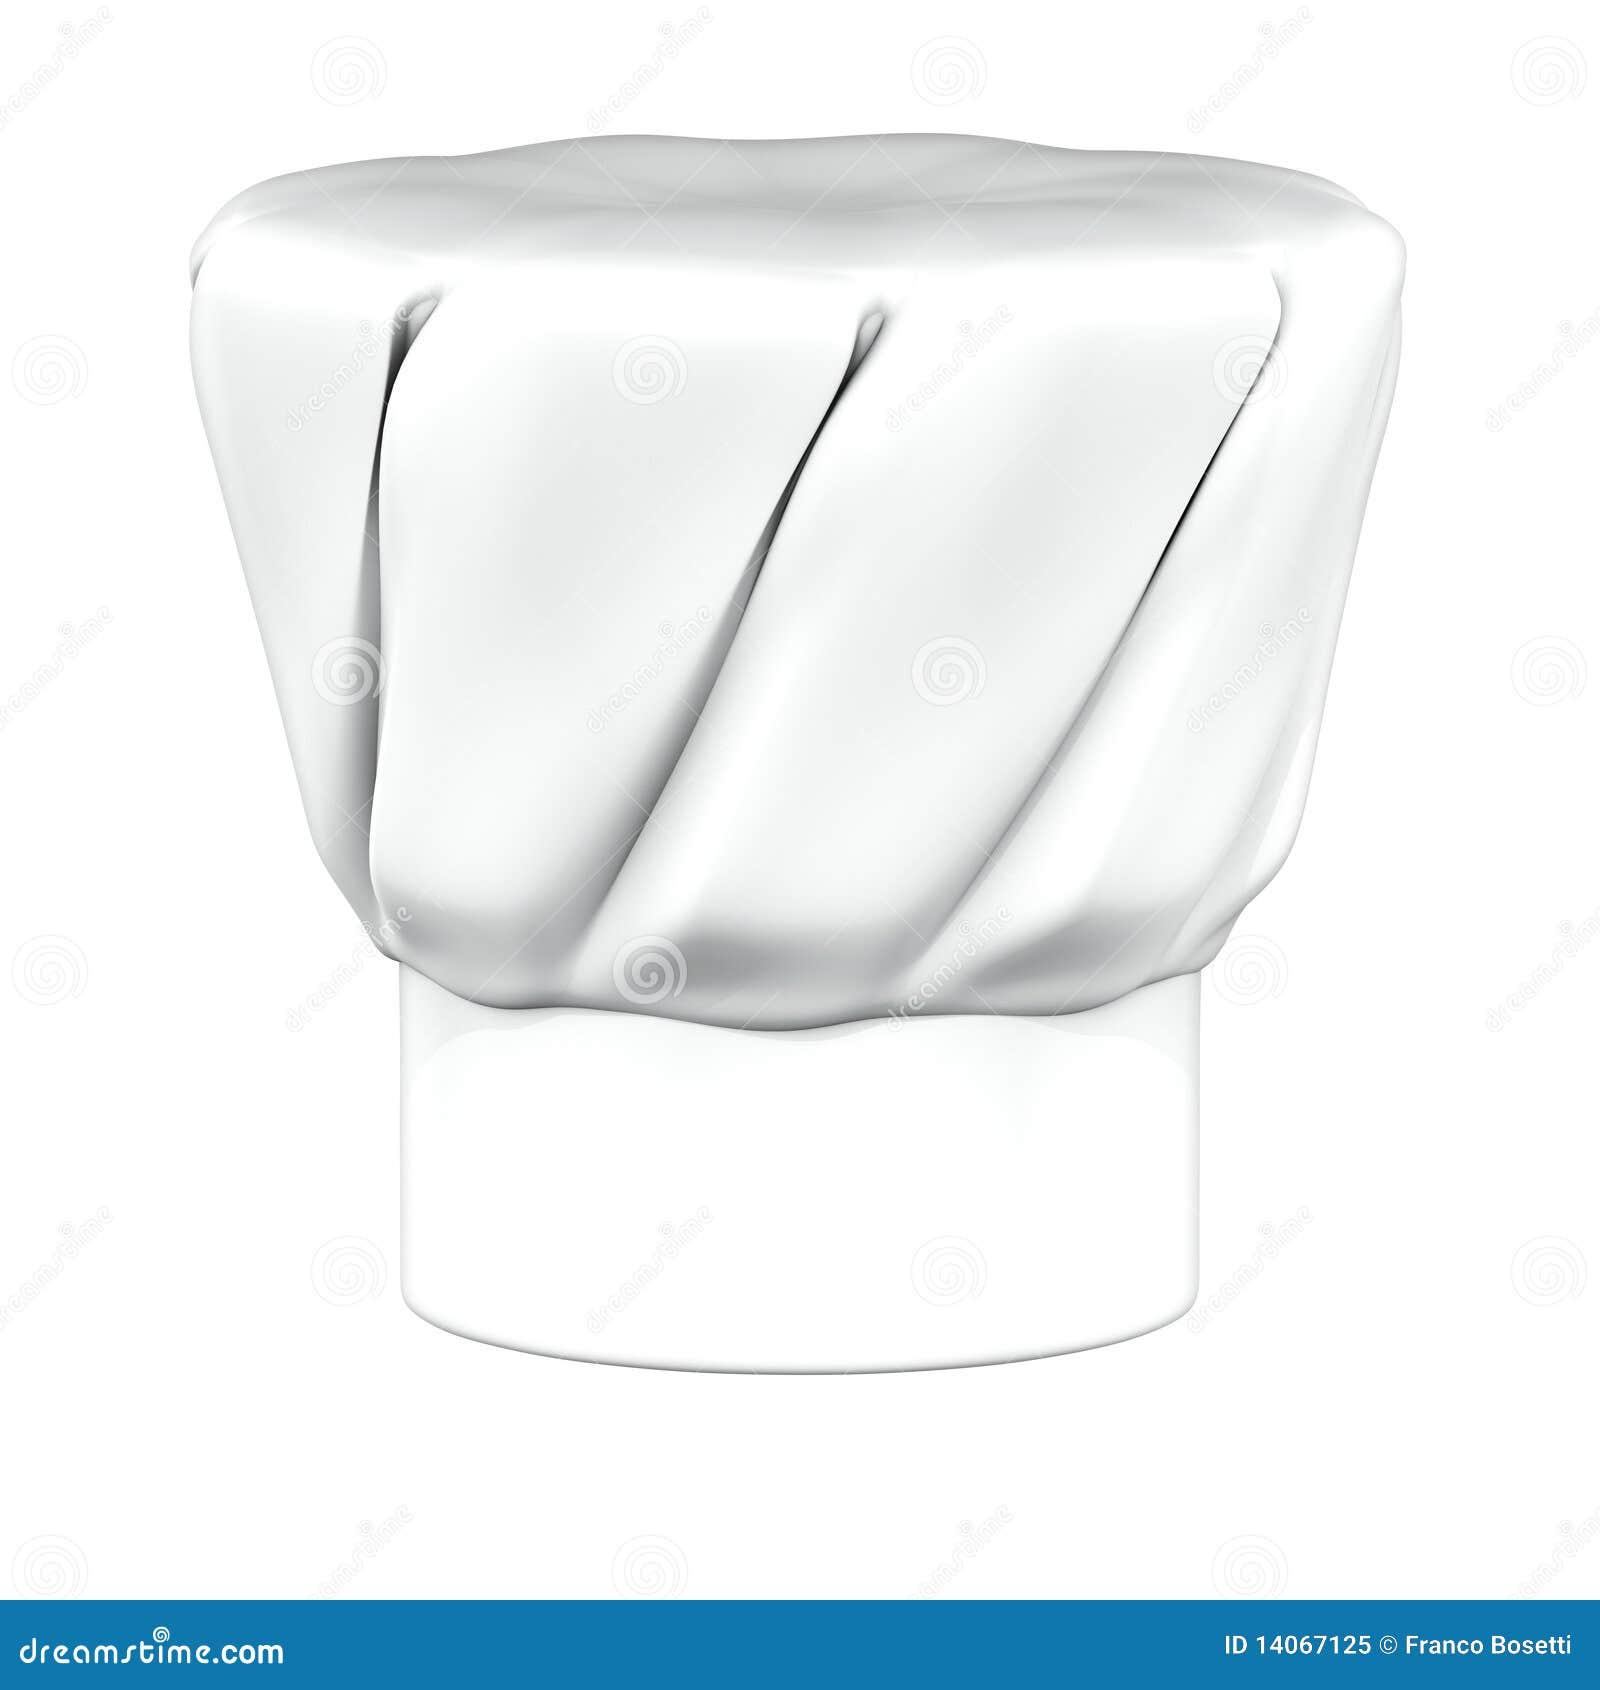 Cuisinier de toque illustration stock illustration du - Image toque cuisinier ...